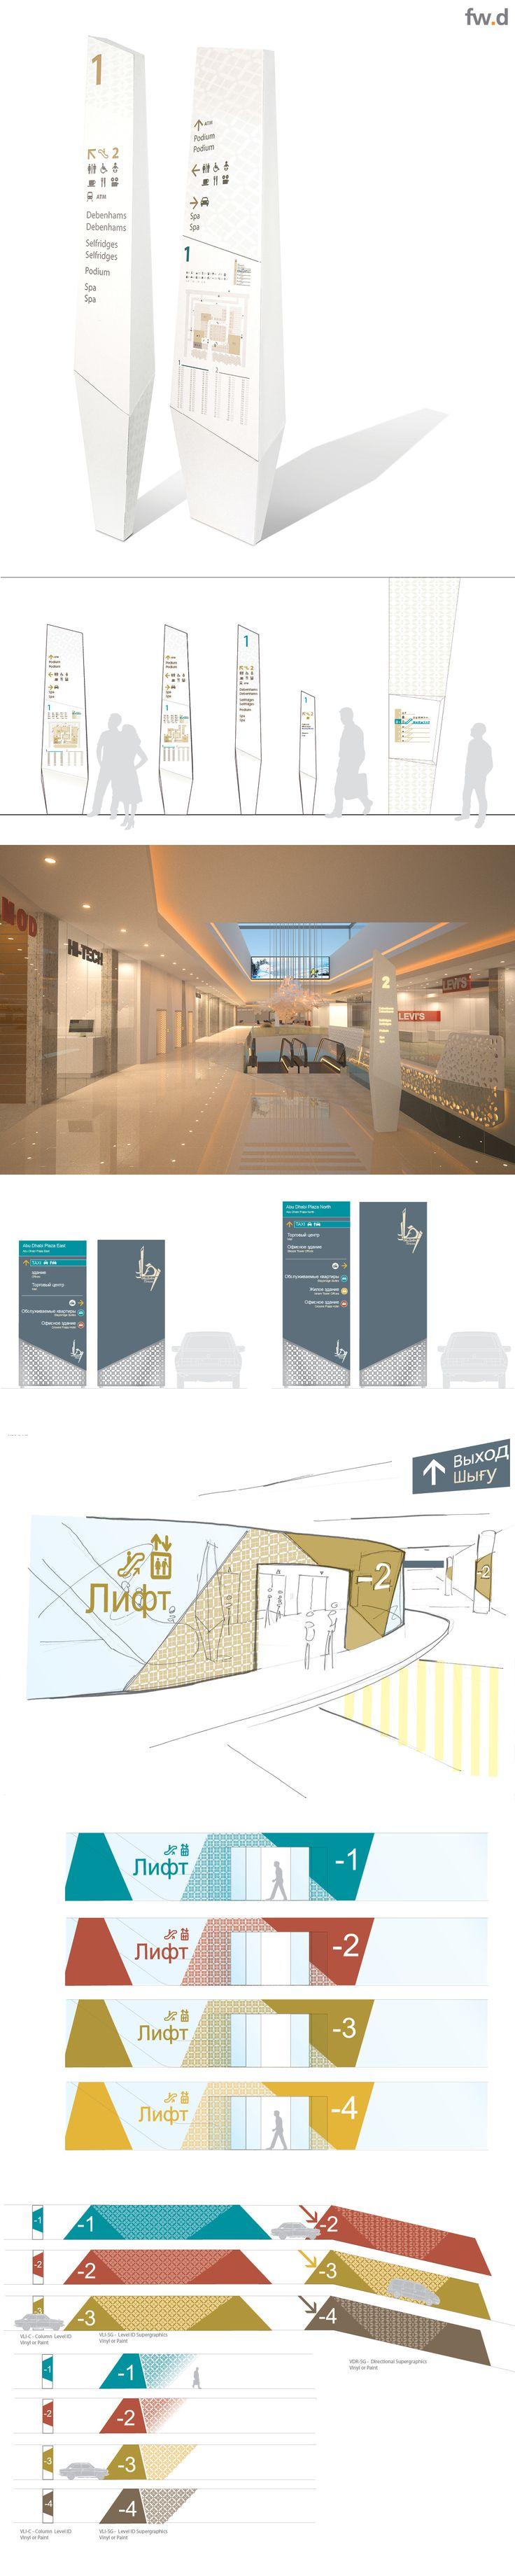 Destination wayfinding & signage design for Abu Dhabi Plaza by fwdesign. www.fwdesign.com